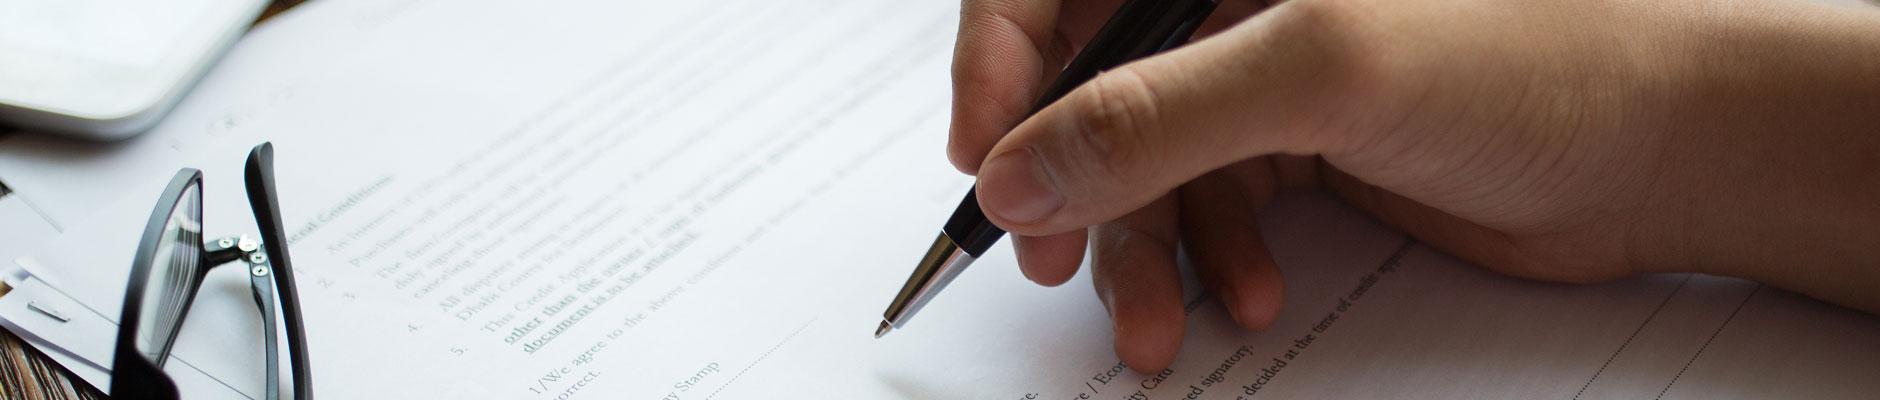 ROI on Digital Signature Solution in SAP